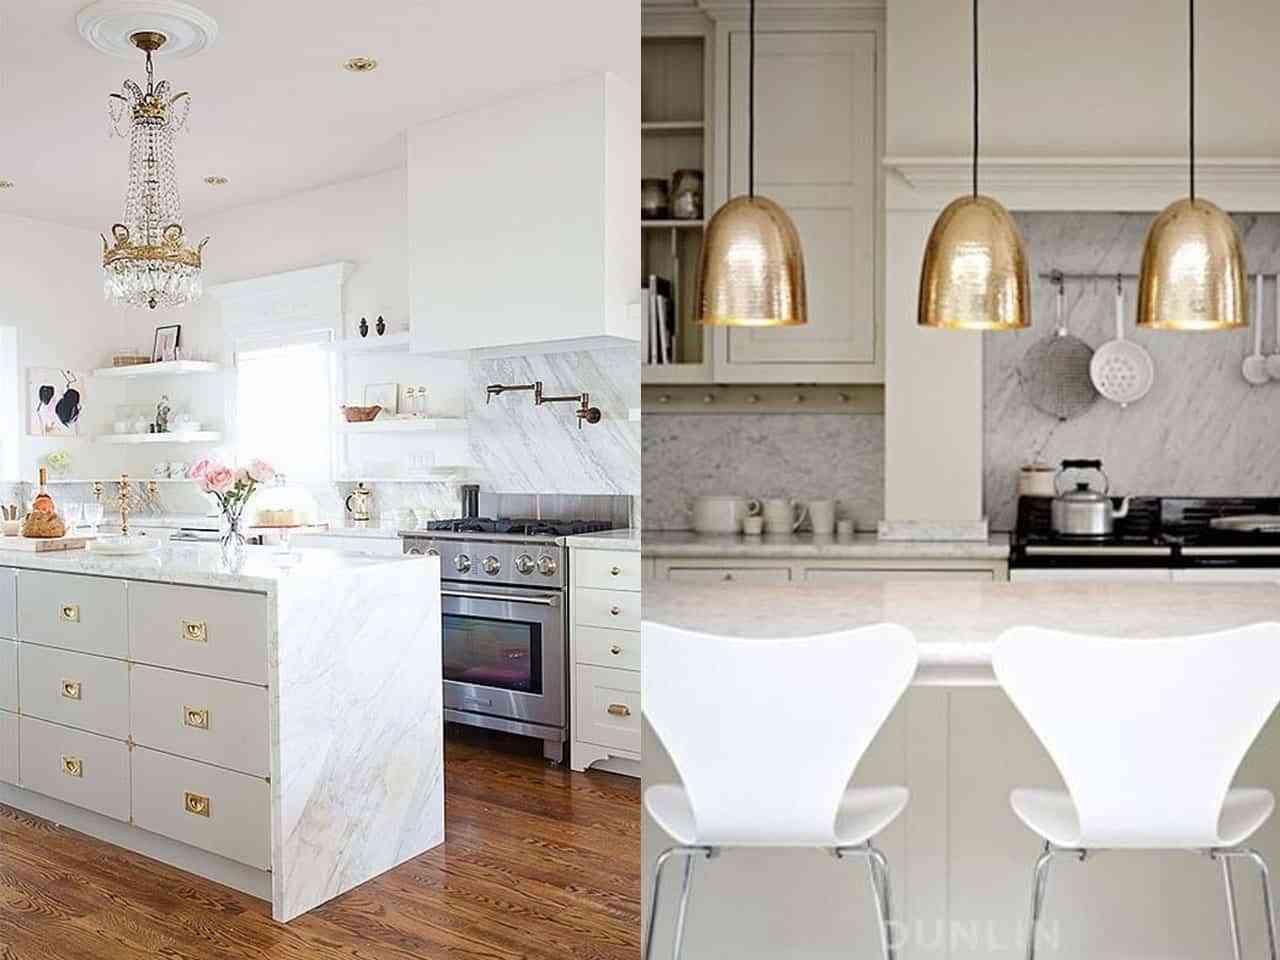 cocinas-integrales-en-marmol-vi